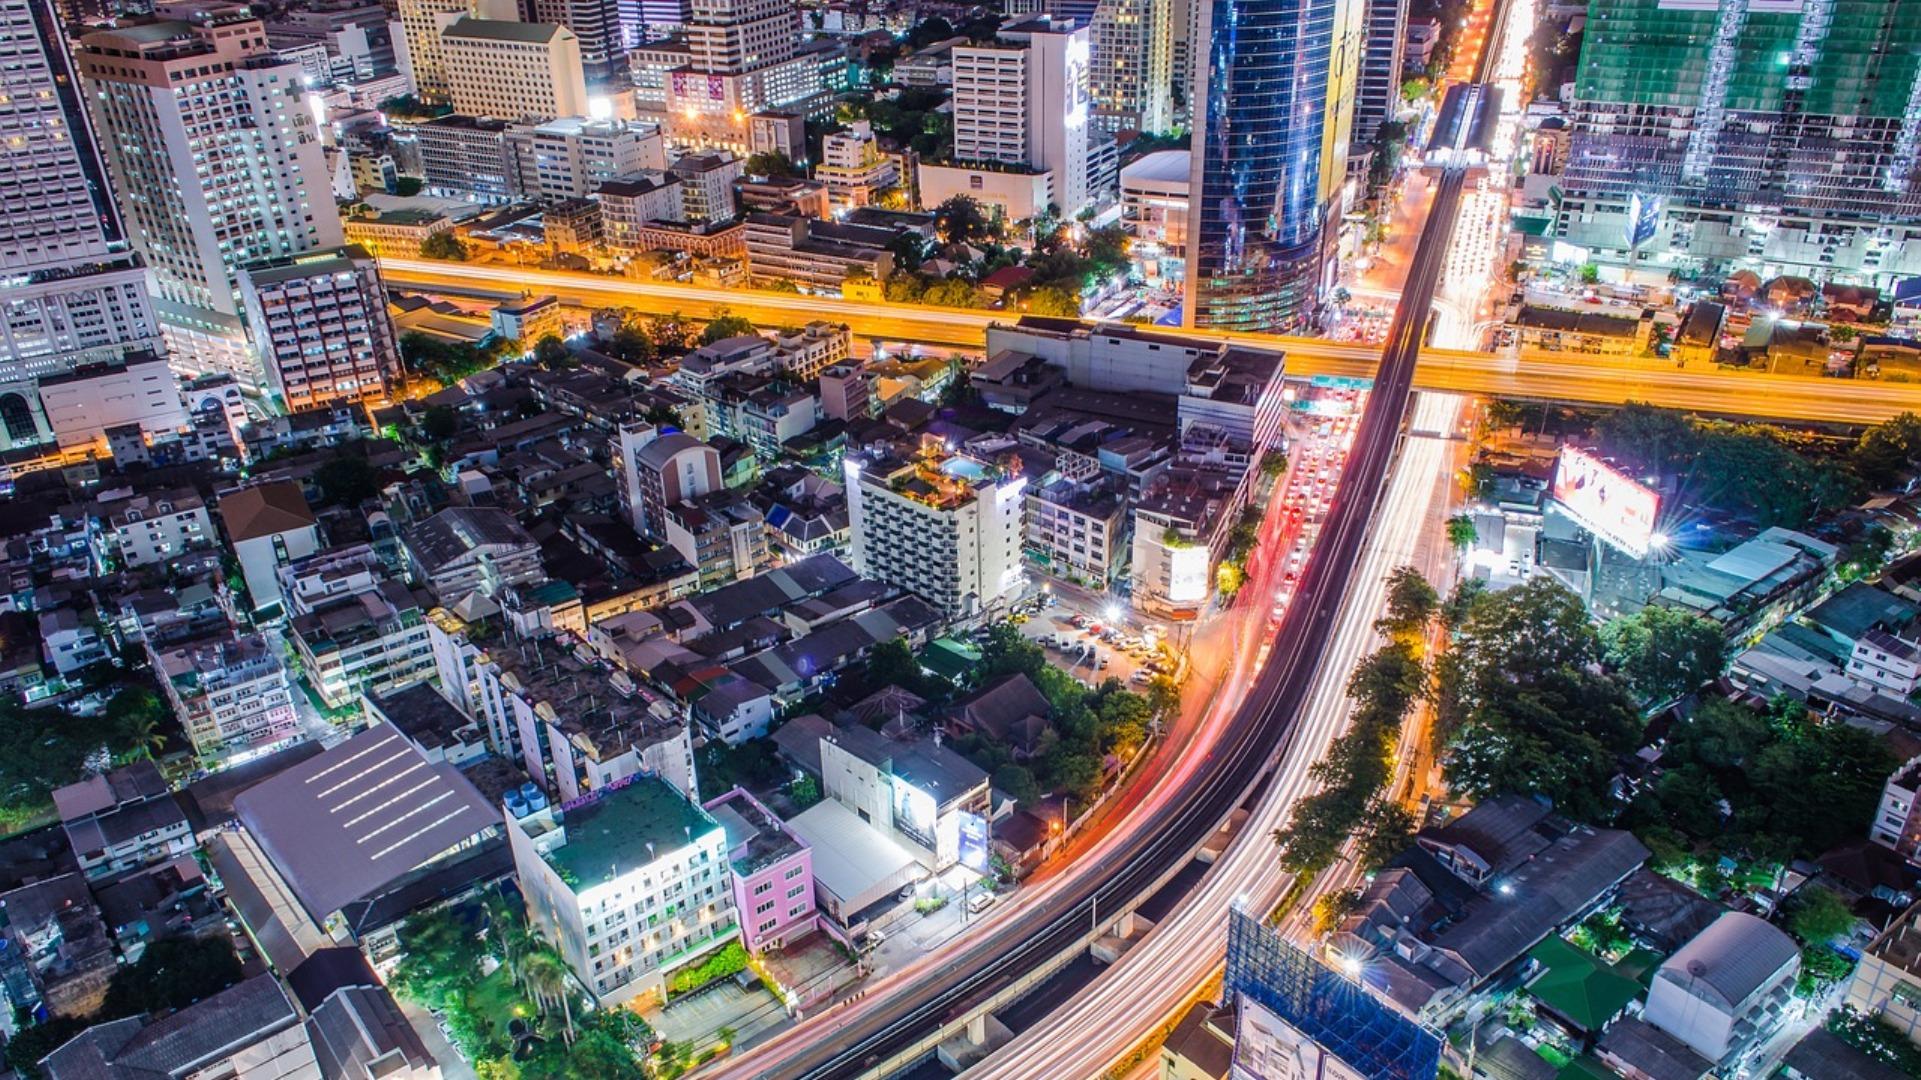 Smart-cities-laboratorio-innovazione_1920x1080.jpg